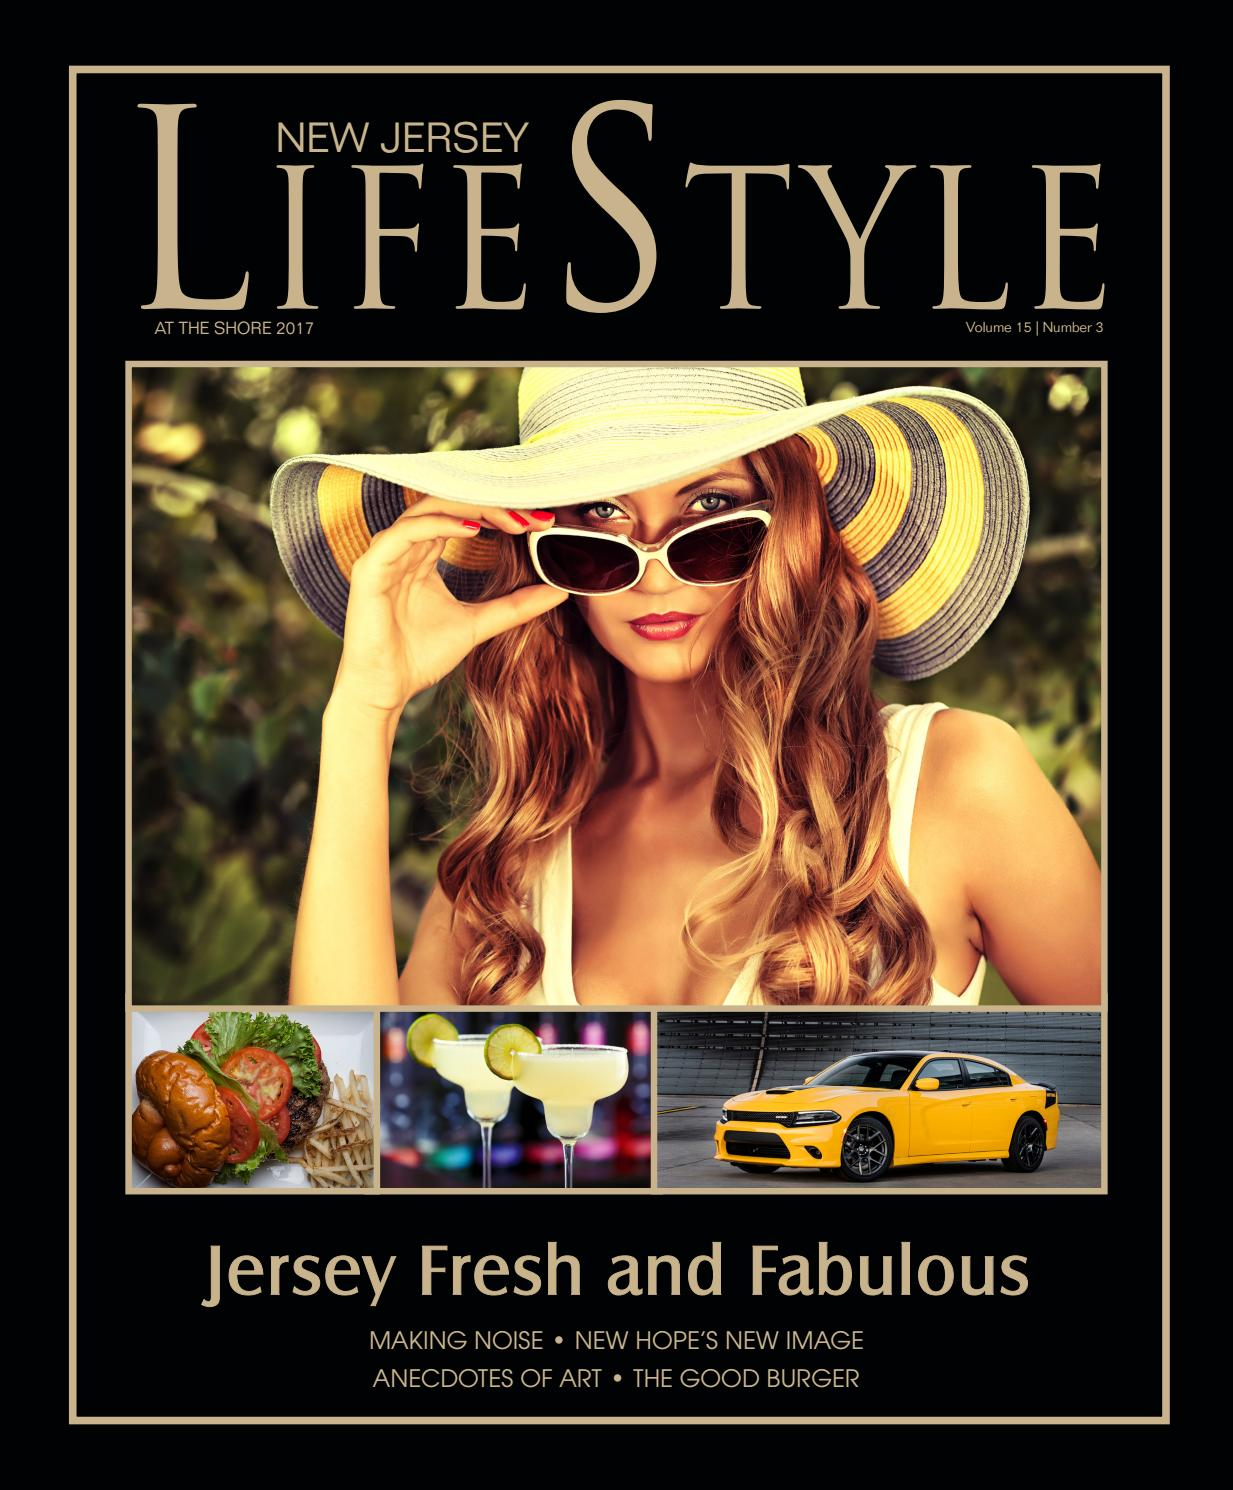 NJ Lifestyle Magazine Shore 2017 By